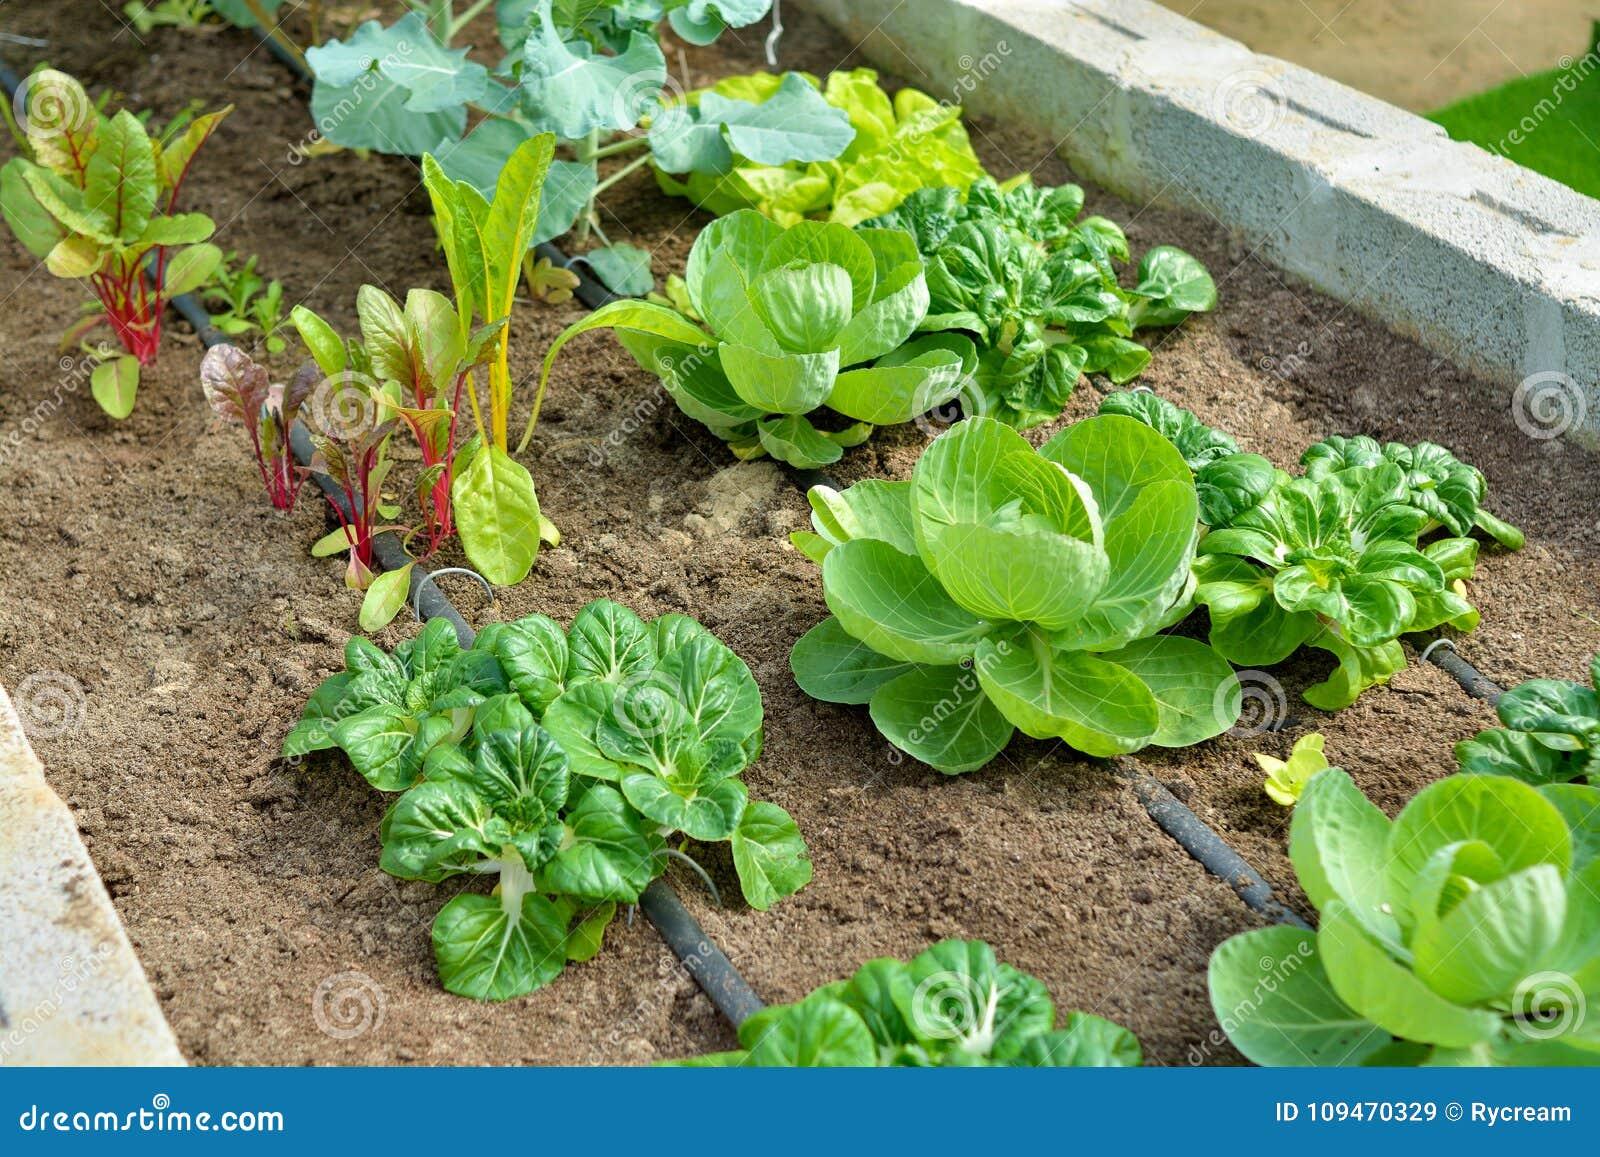 Органический огород с капельным орошением